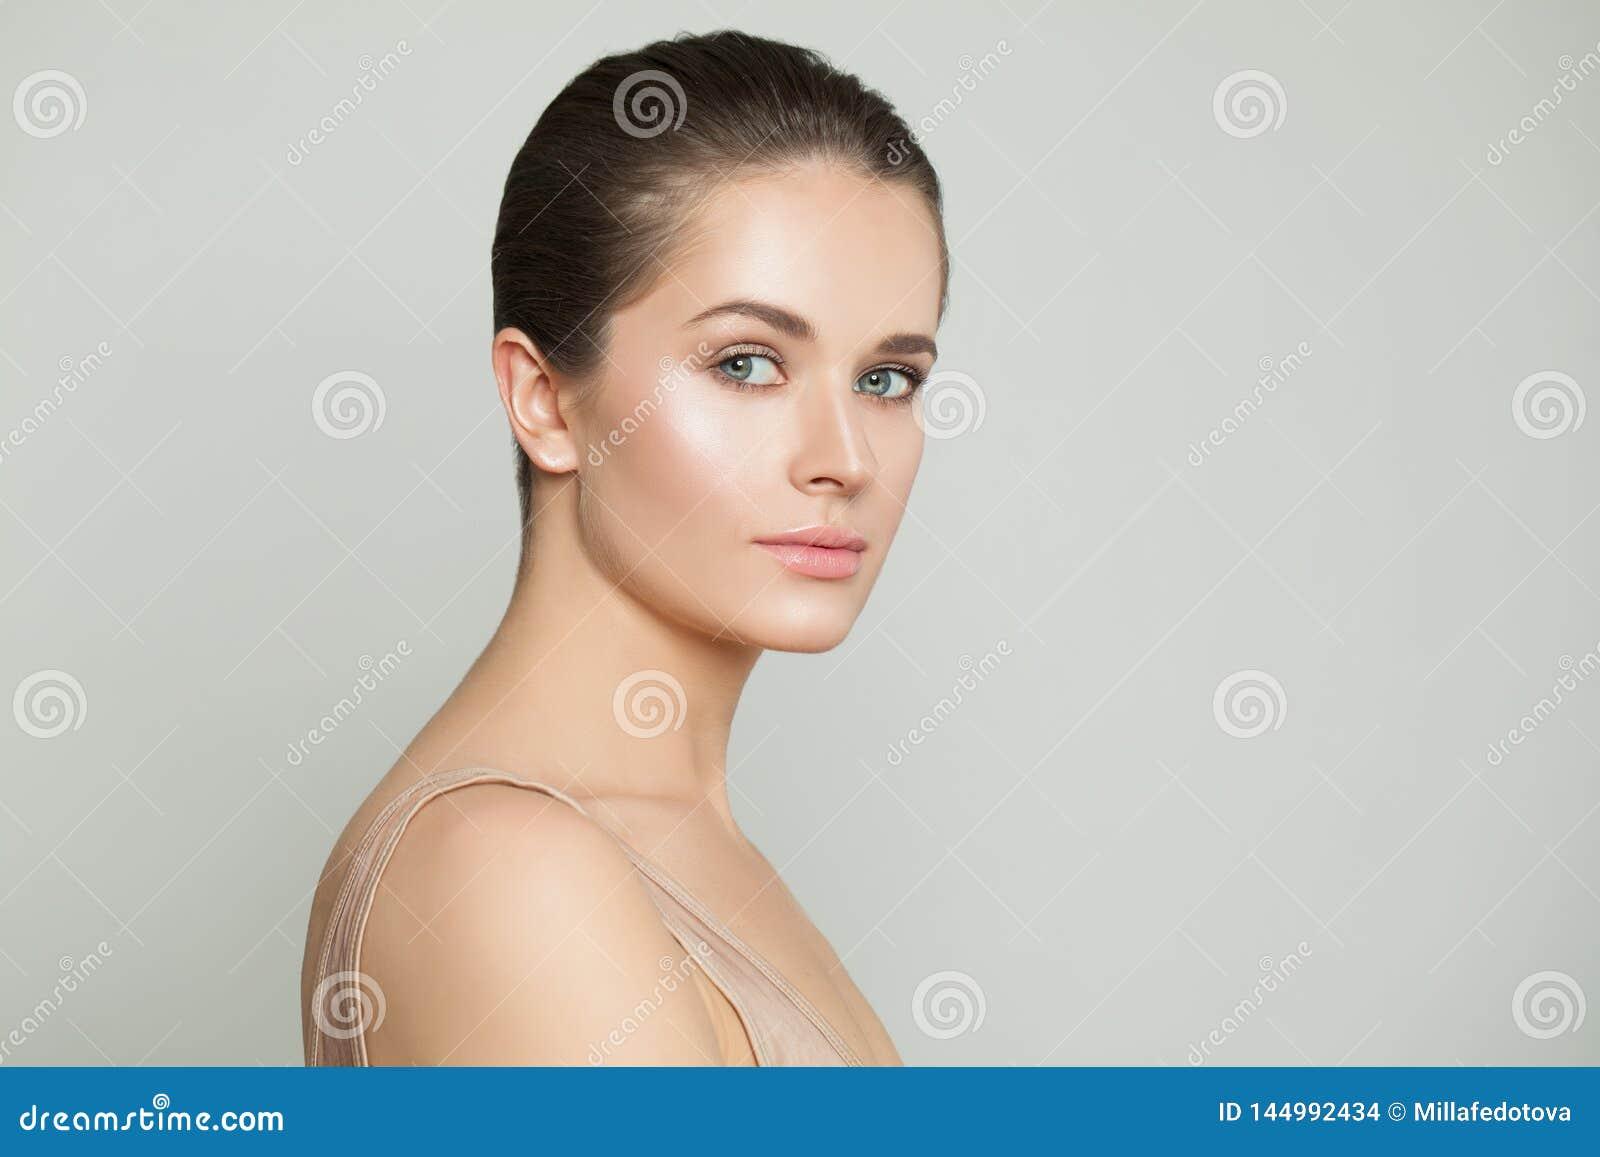 Mooie gezonde vrouw met duidelijke huid Natuurlijke schoonheid, skincare en gezichtsbehandeling